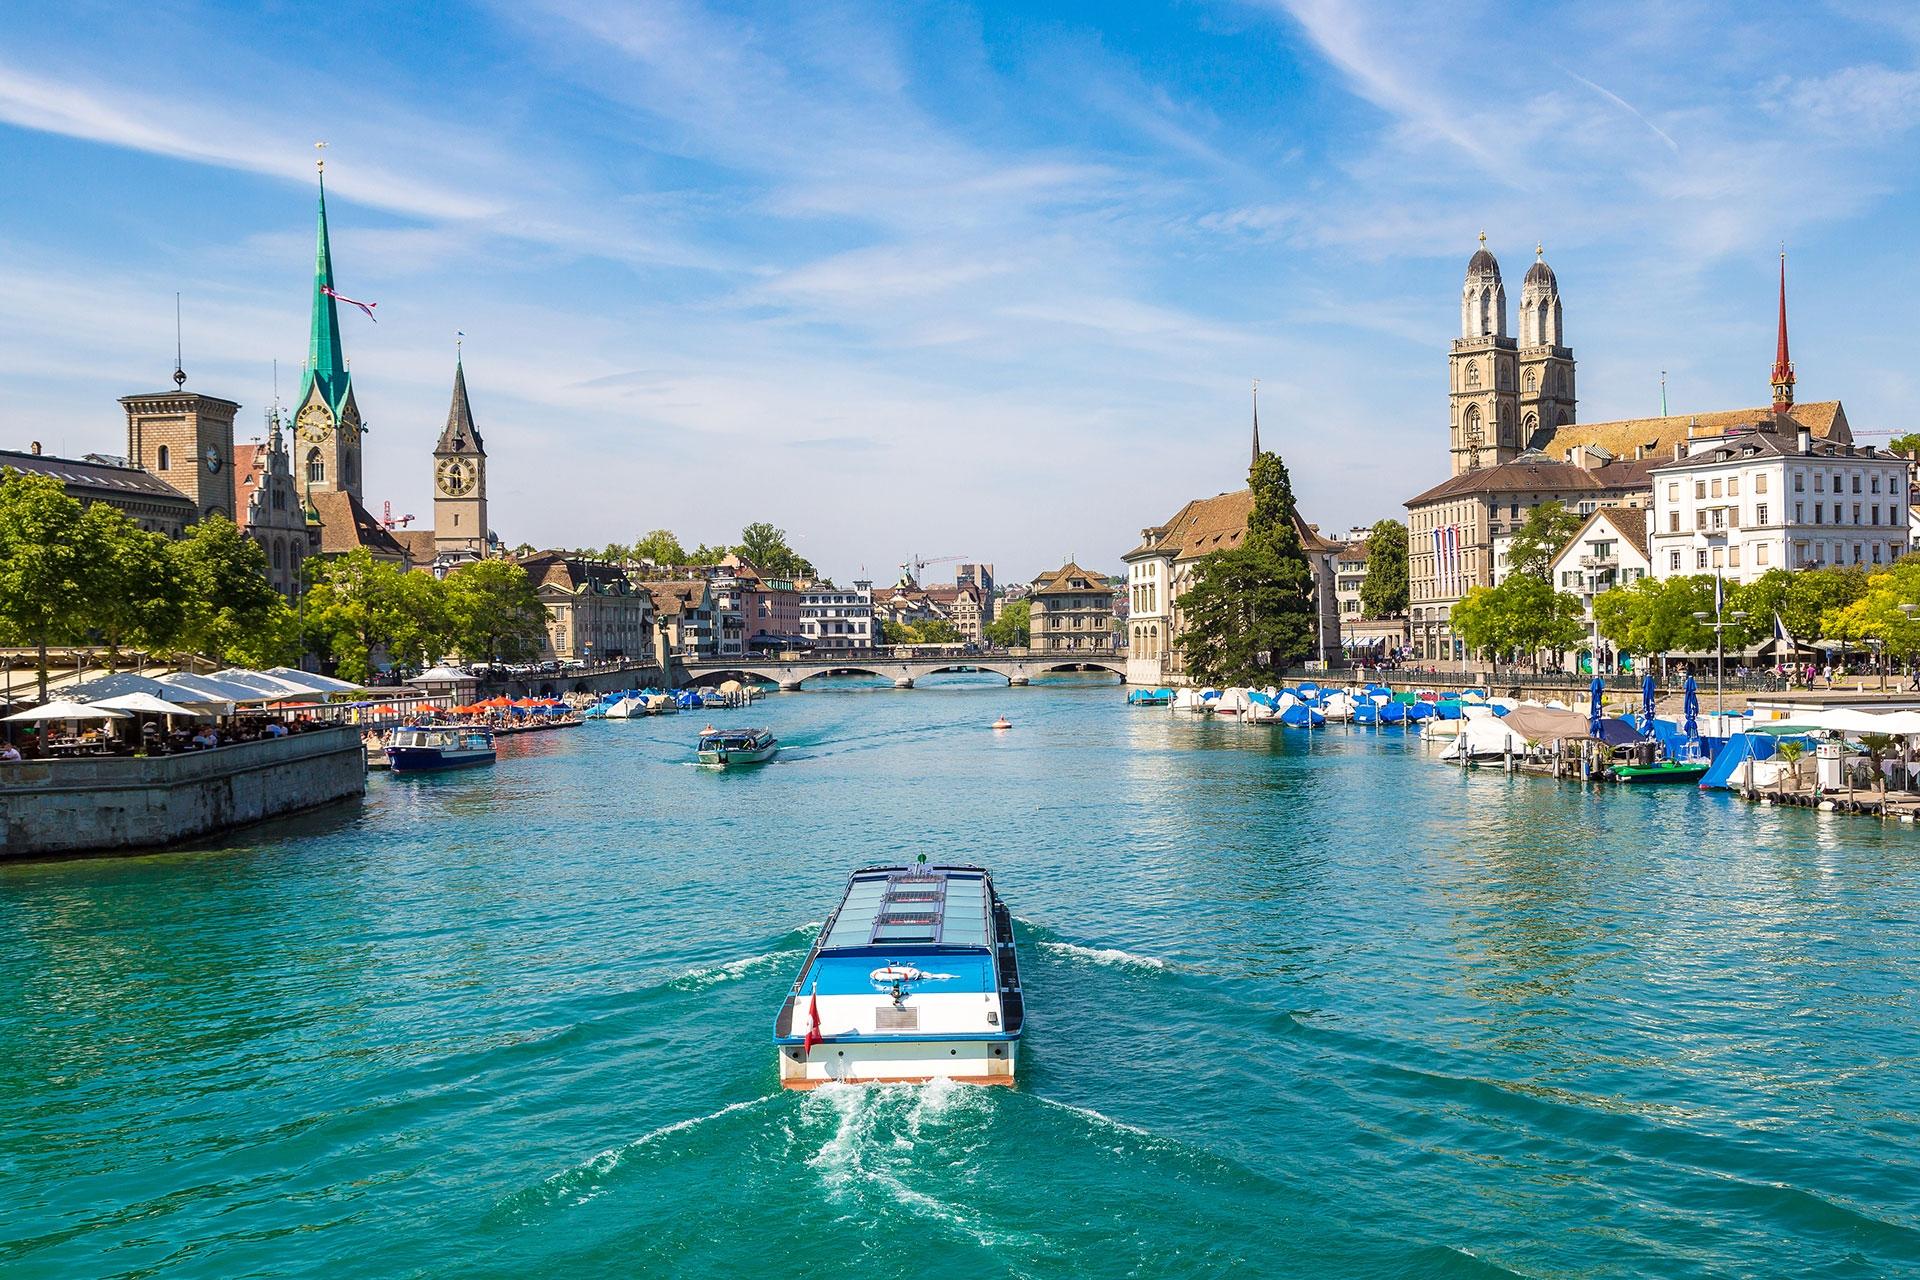 سويسرا زيورخ اهم الاماكن السياحية بحيرة زيورخ